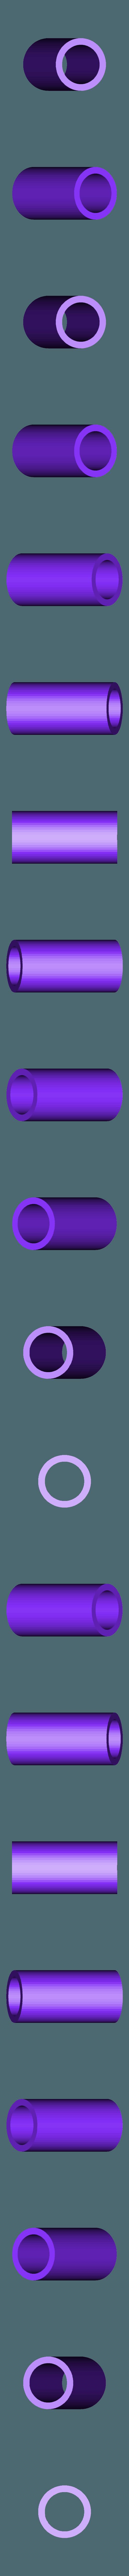 50mm_long_25mm_wide_tube.stl Télécharger fichier STL gratuit Sci-fi Réseau de tuyaux modulaire pour les paysages de wargaming • Objet à imprimer en 3D, redstarkits